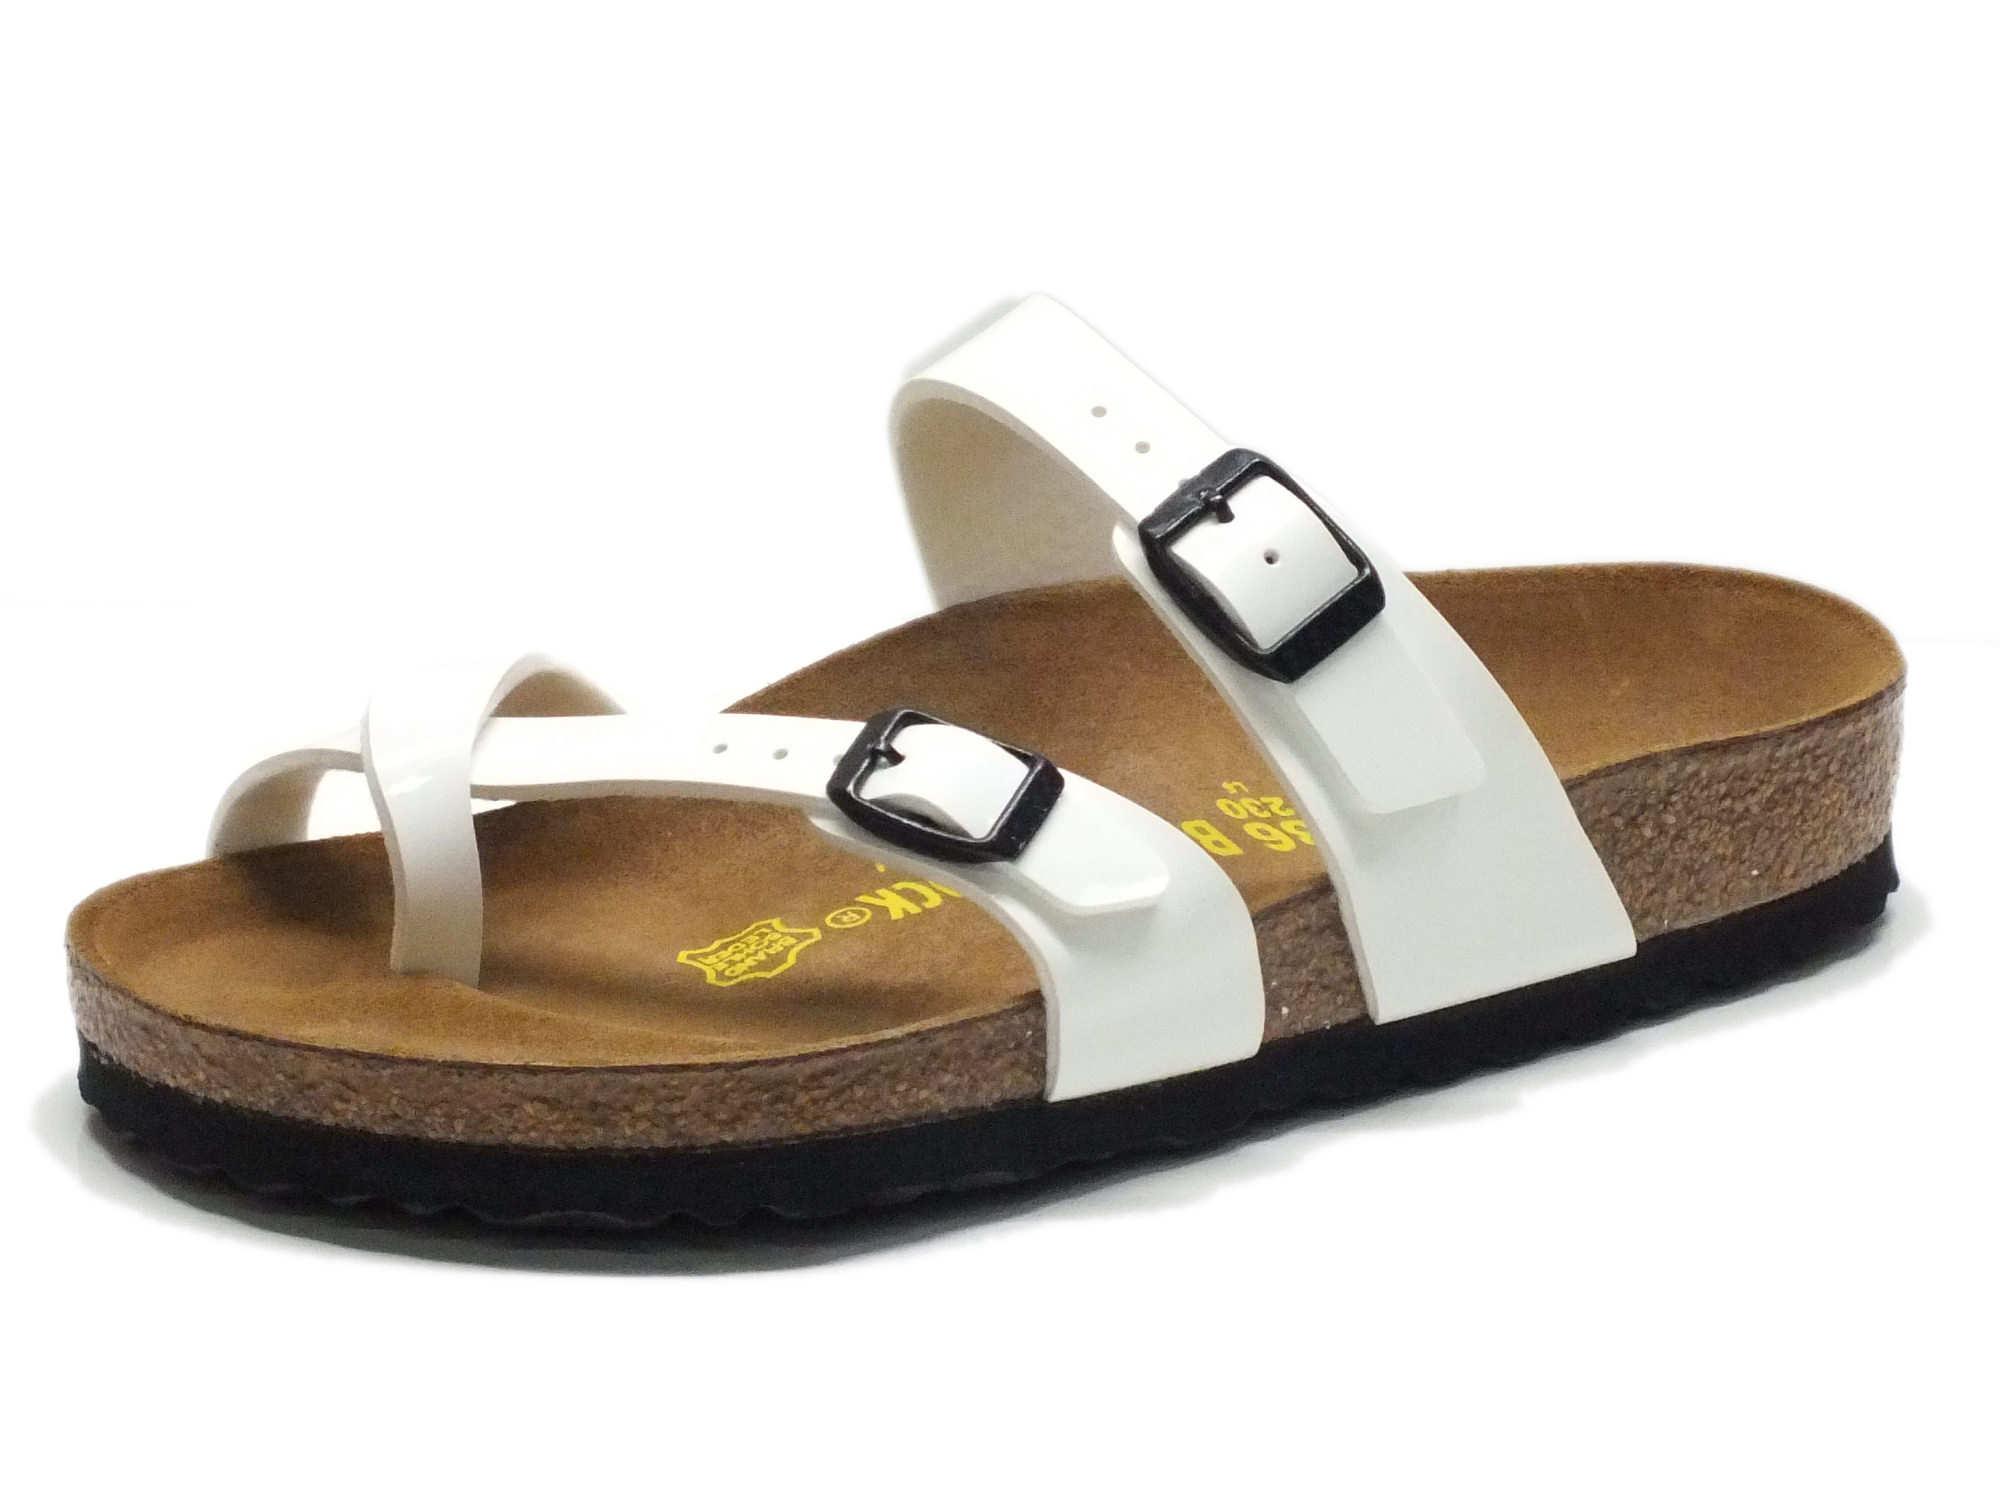 Sandali Birkenstock donna colore bianco - Vitiello Calzature 12267e7920a